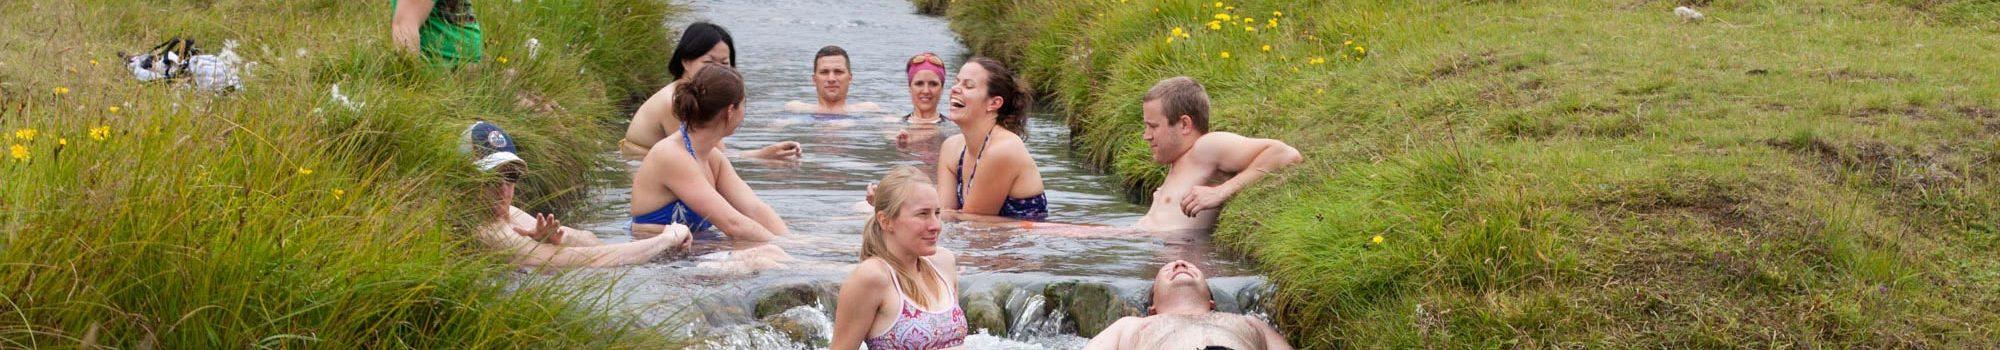 people-enjoying-hot-spring